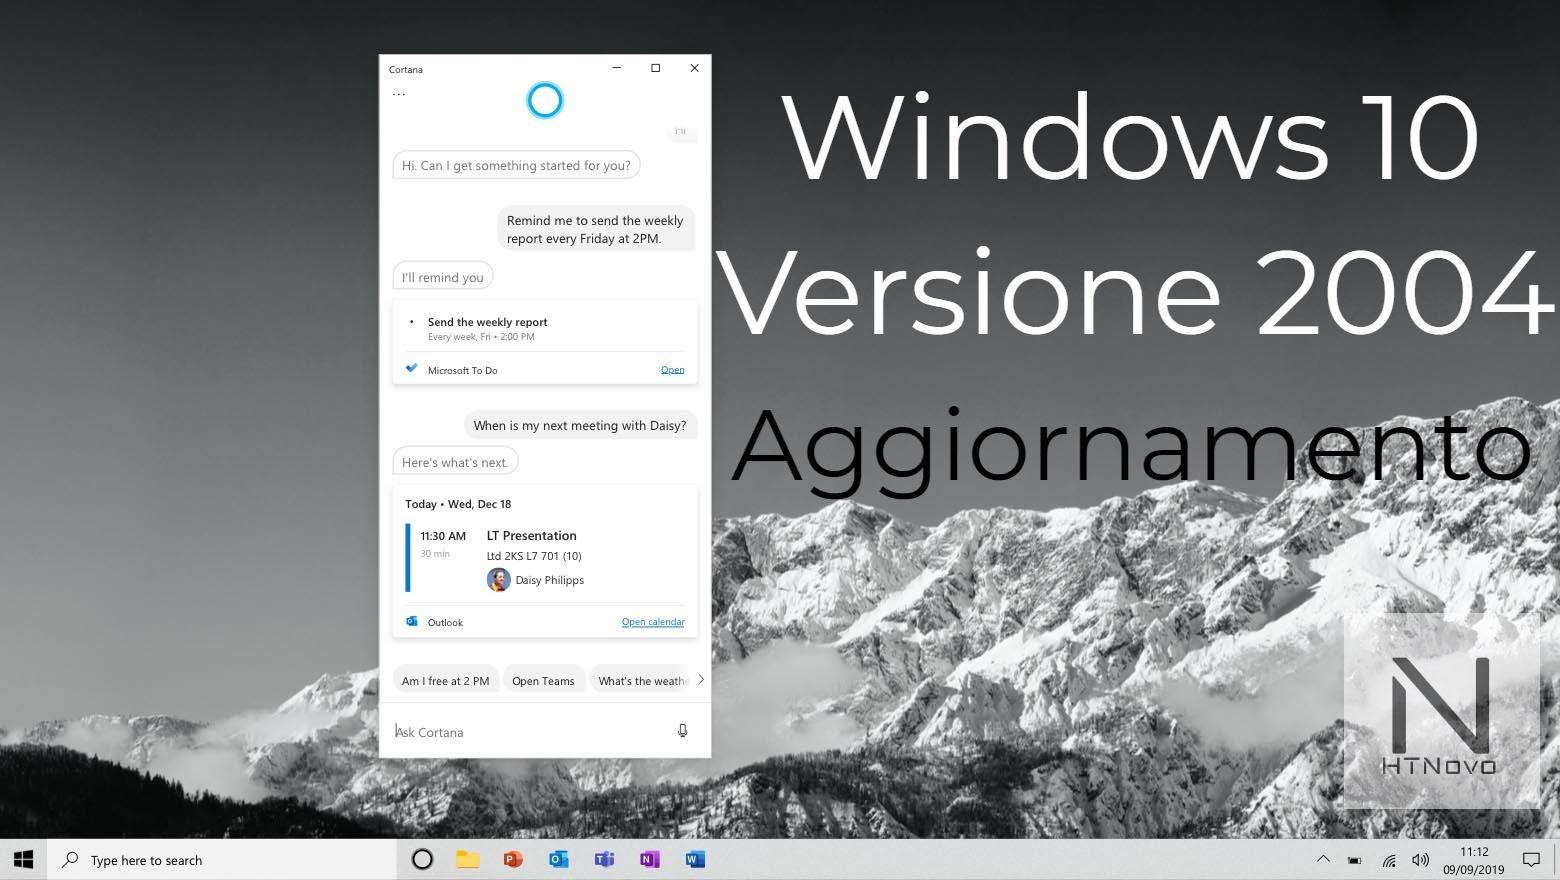 Aggiornamento per Windows 10 versione 2004 - Build 19041.208